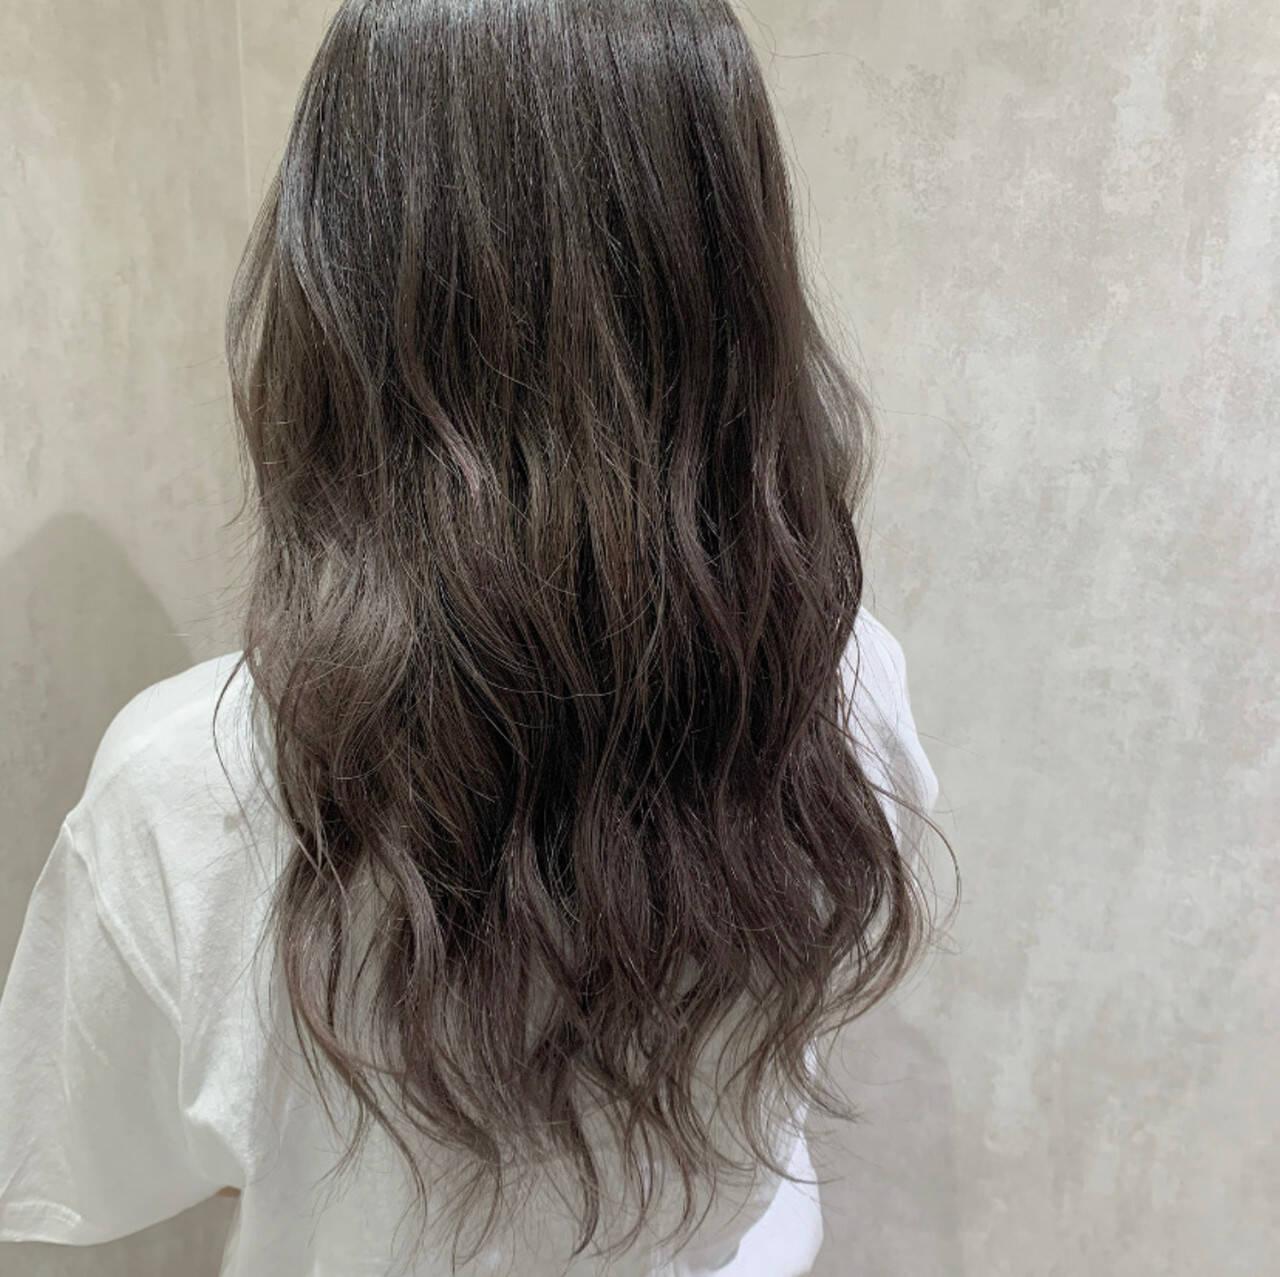 アッシュグレージュ ハイライト グレージュ ハイトーンカラーヘアスタイルや髪型の写真・画像